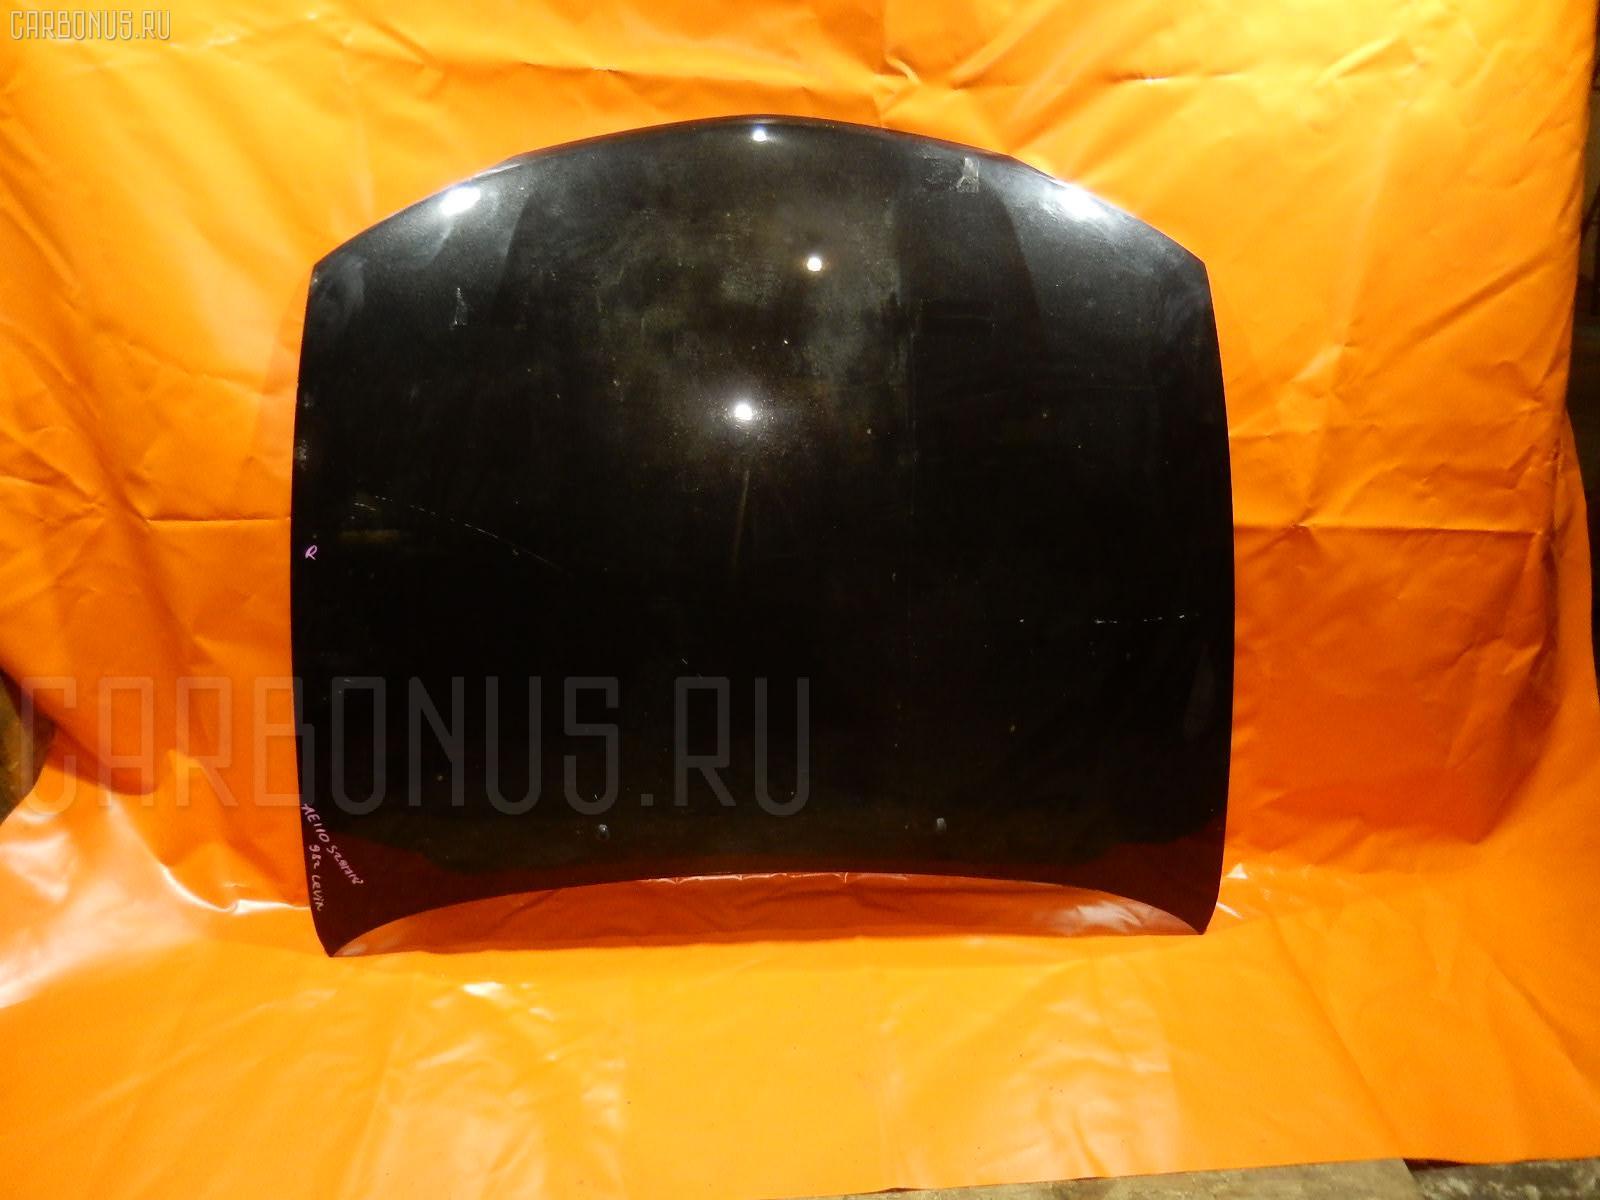 Капот Toyota Corolla levin AE110 Фото 1